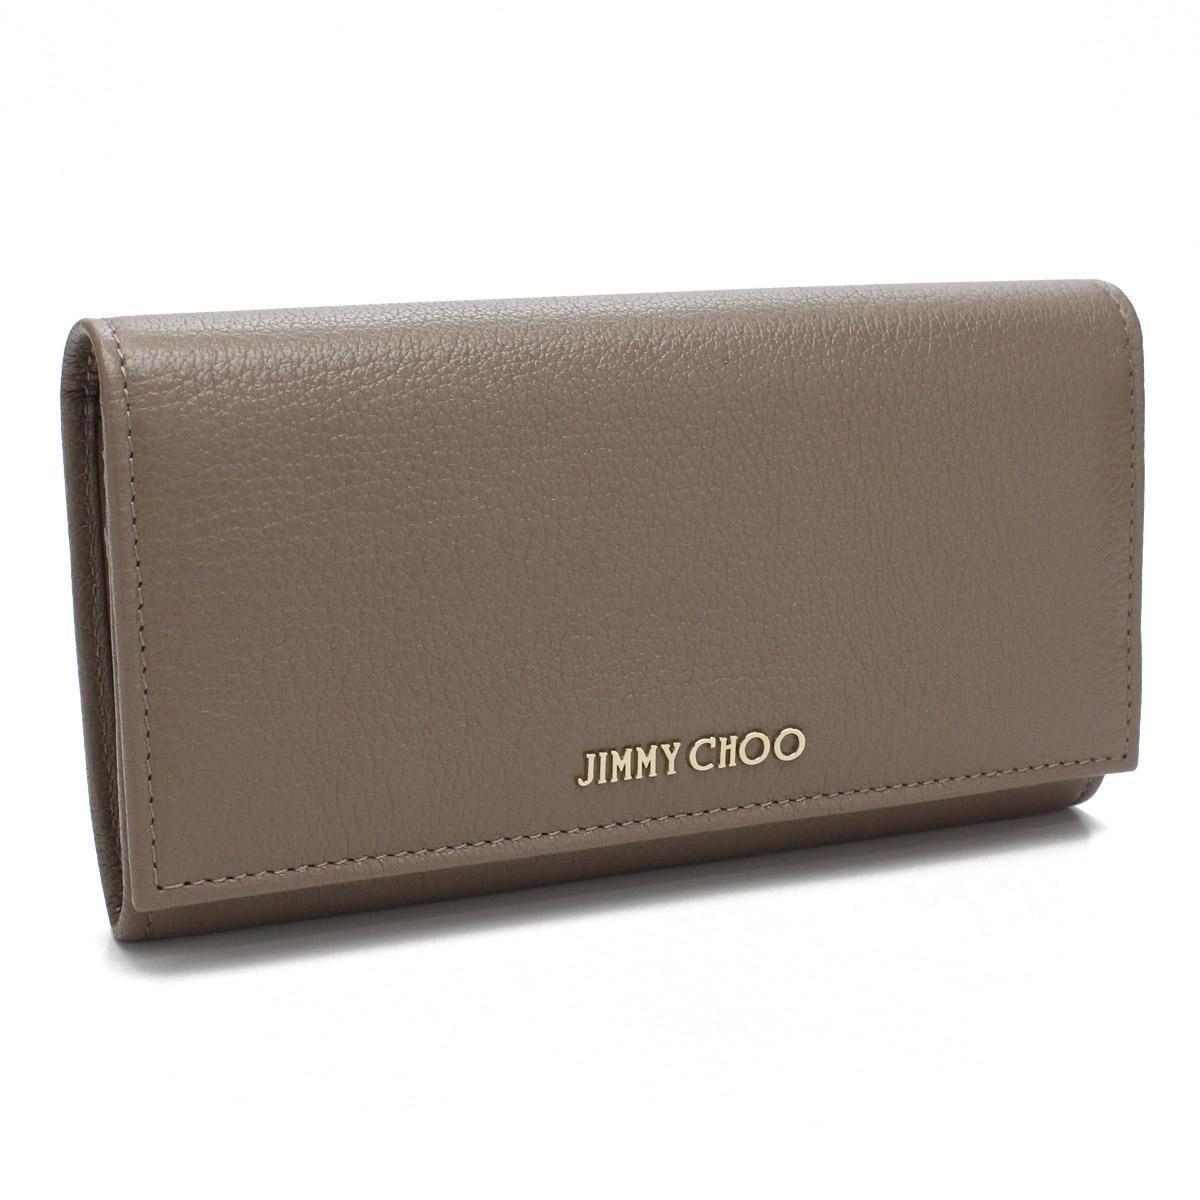 ジミーチュウ(JIMMY CHOO) 2つ折り長財布